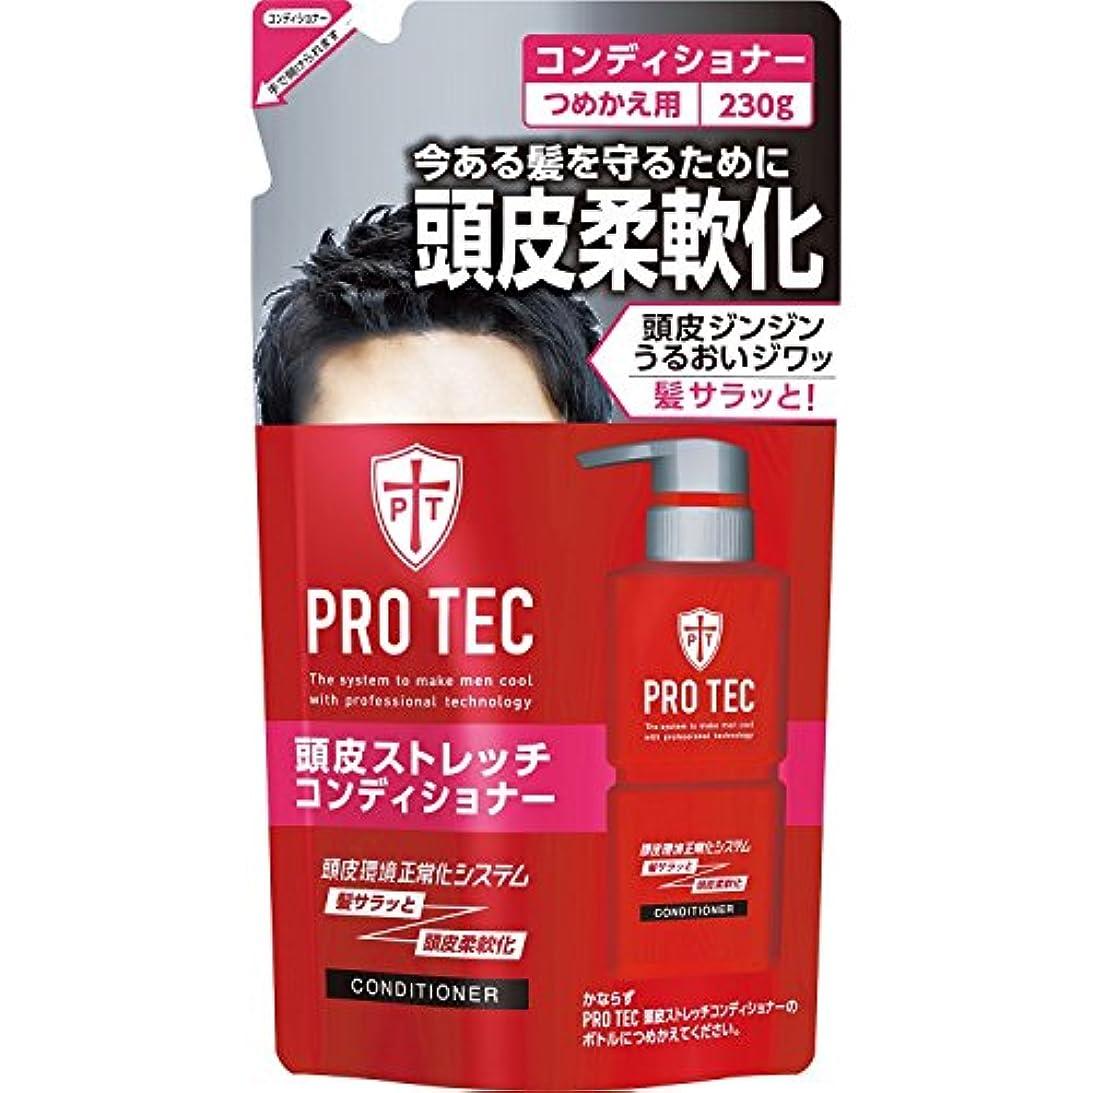 効能あるぞっとするような生むPRO TEC(プロテク) 頭皮ストレッチ コンディショナー 詰め替え 230g